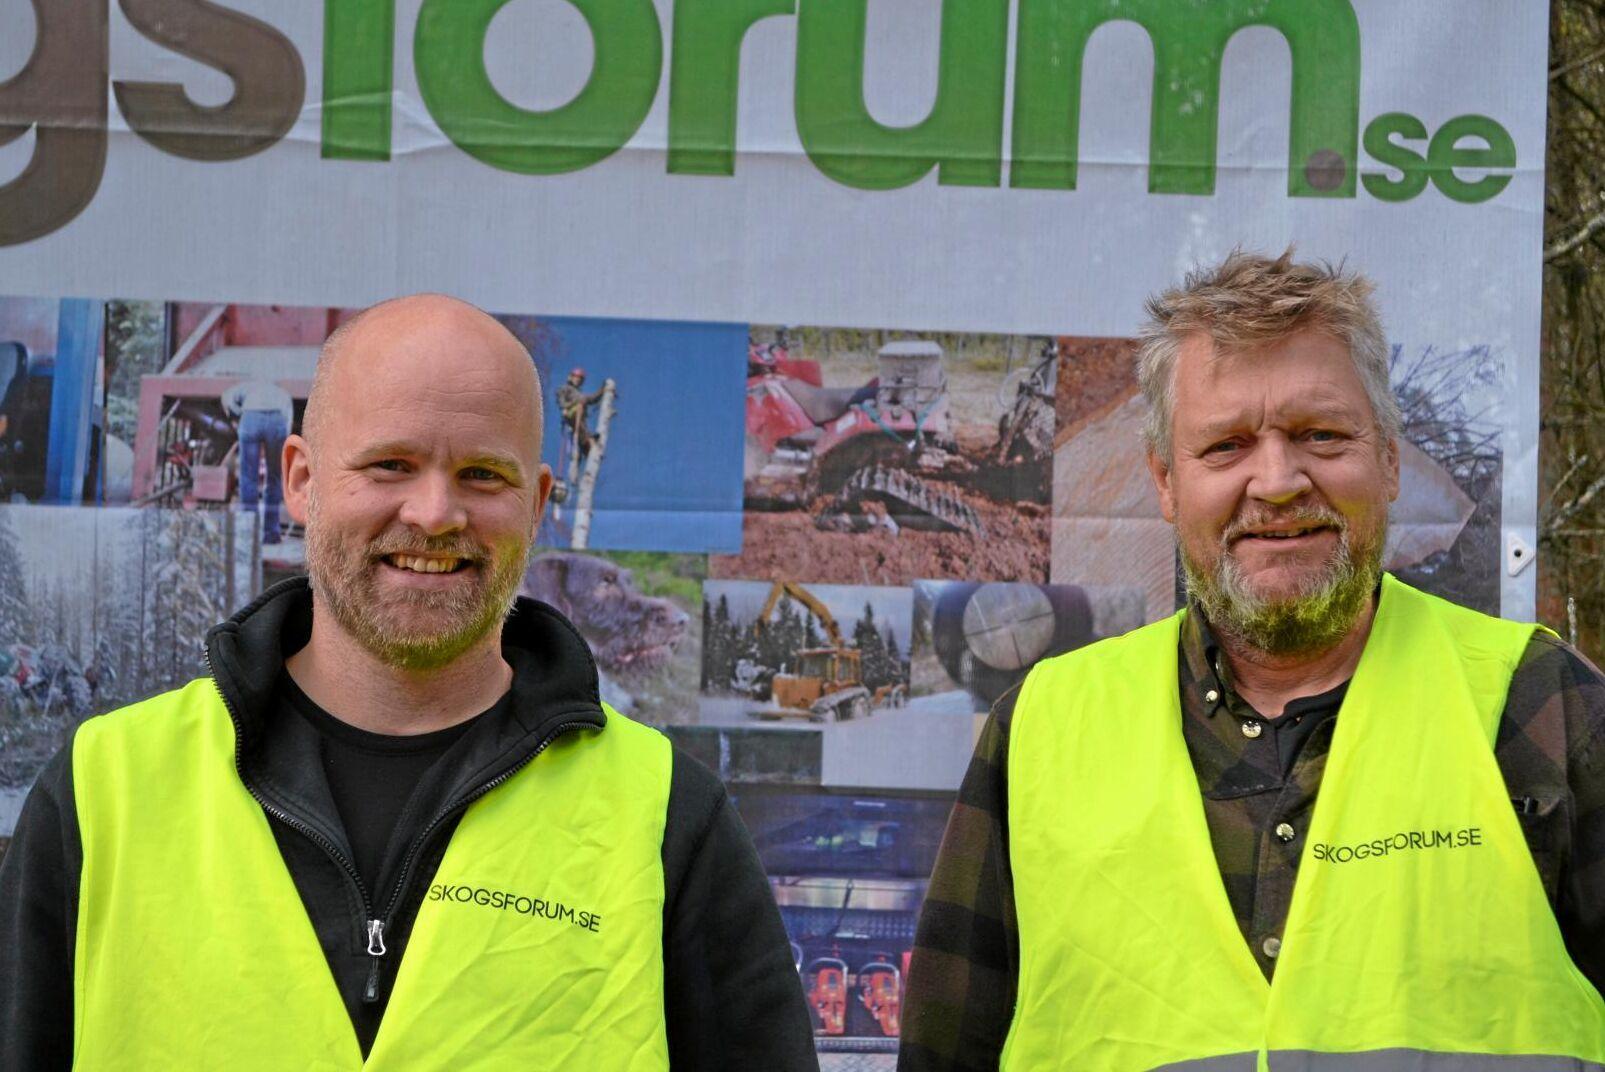 Fredrik Reuter och Torbjörn Johnsen, Skogsforum, var nöjda med Gallringsdagarna, inte minst med tajmingen. Bara en kvart efter stängning small det till med både åska och hällregn när stormen Knud drog in över Smålandsskogarna.